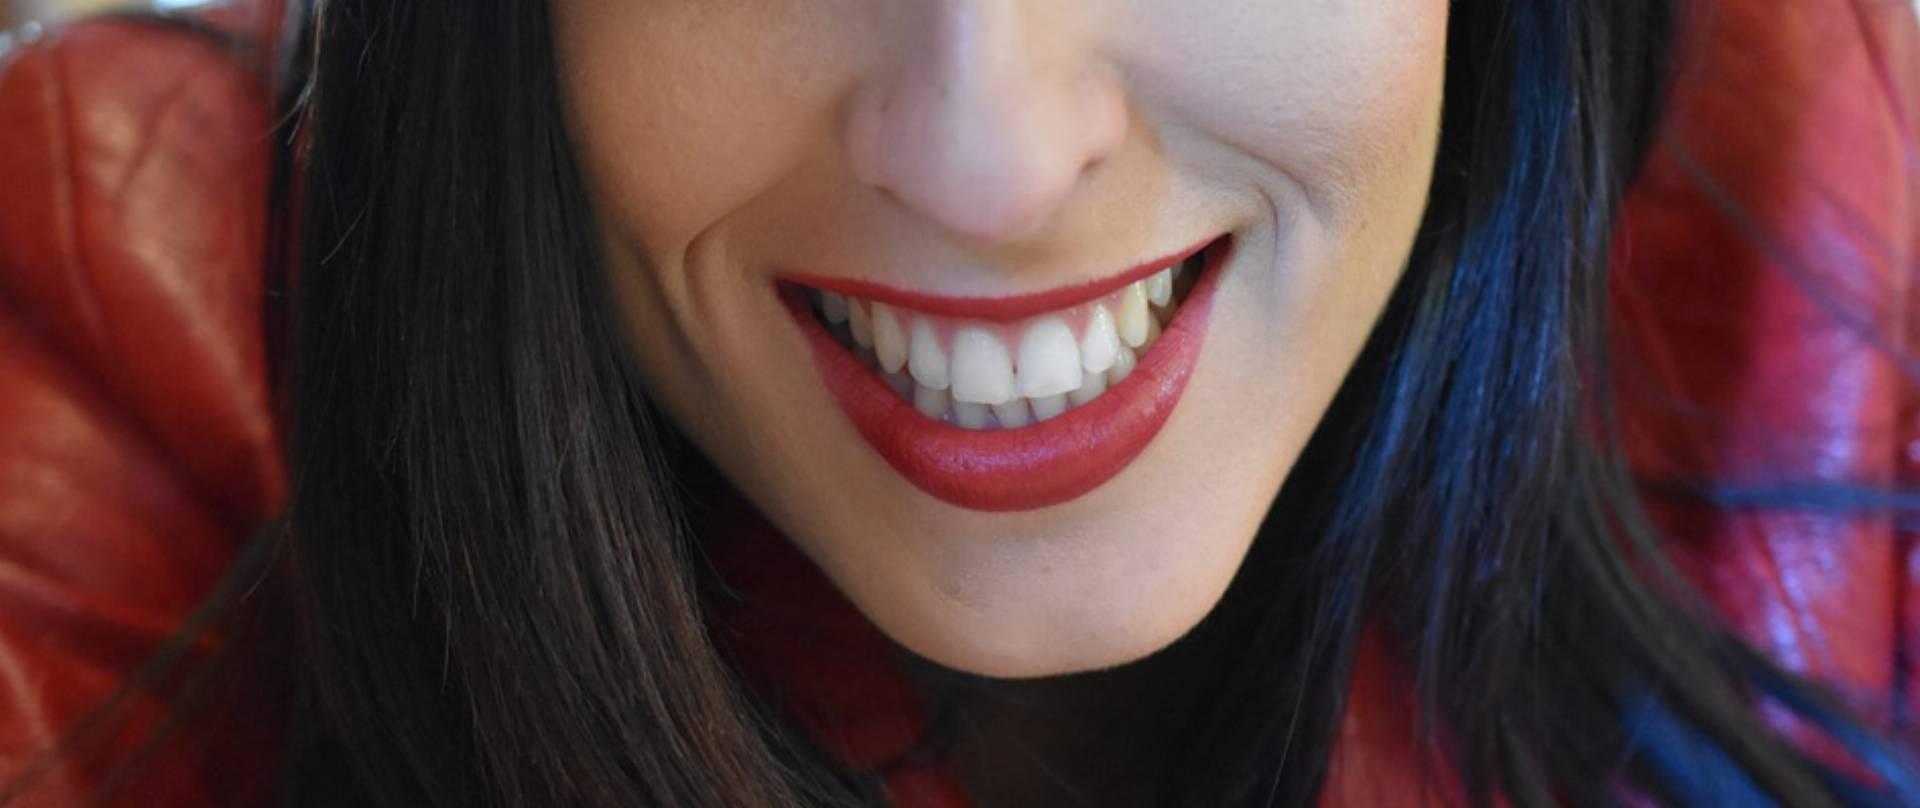 bialy-usmiech